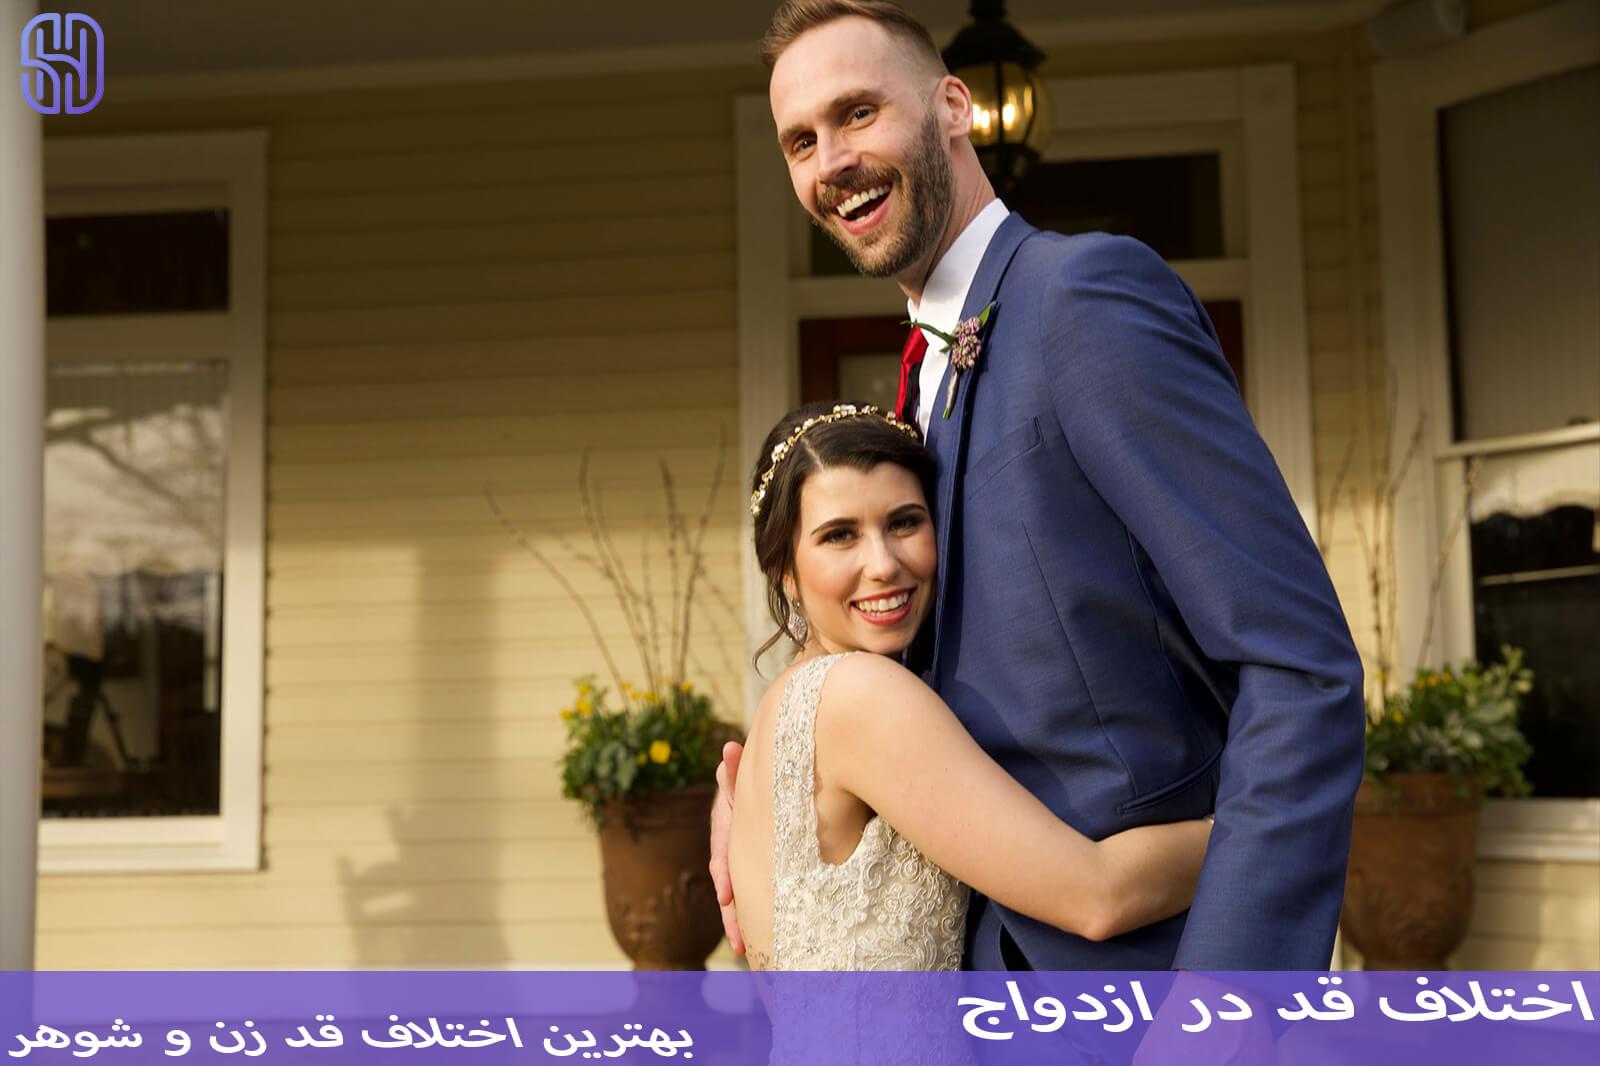 اختلاف قد در ازدواج